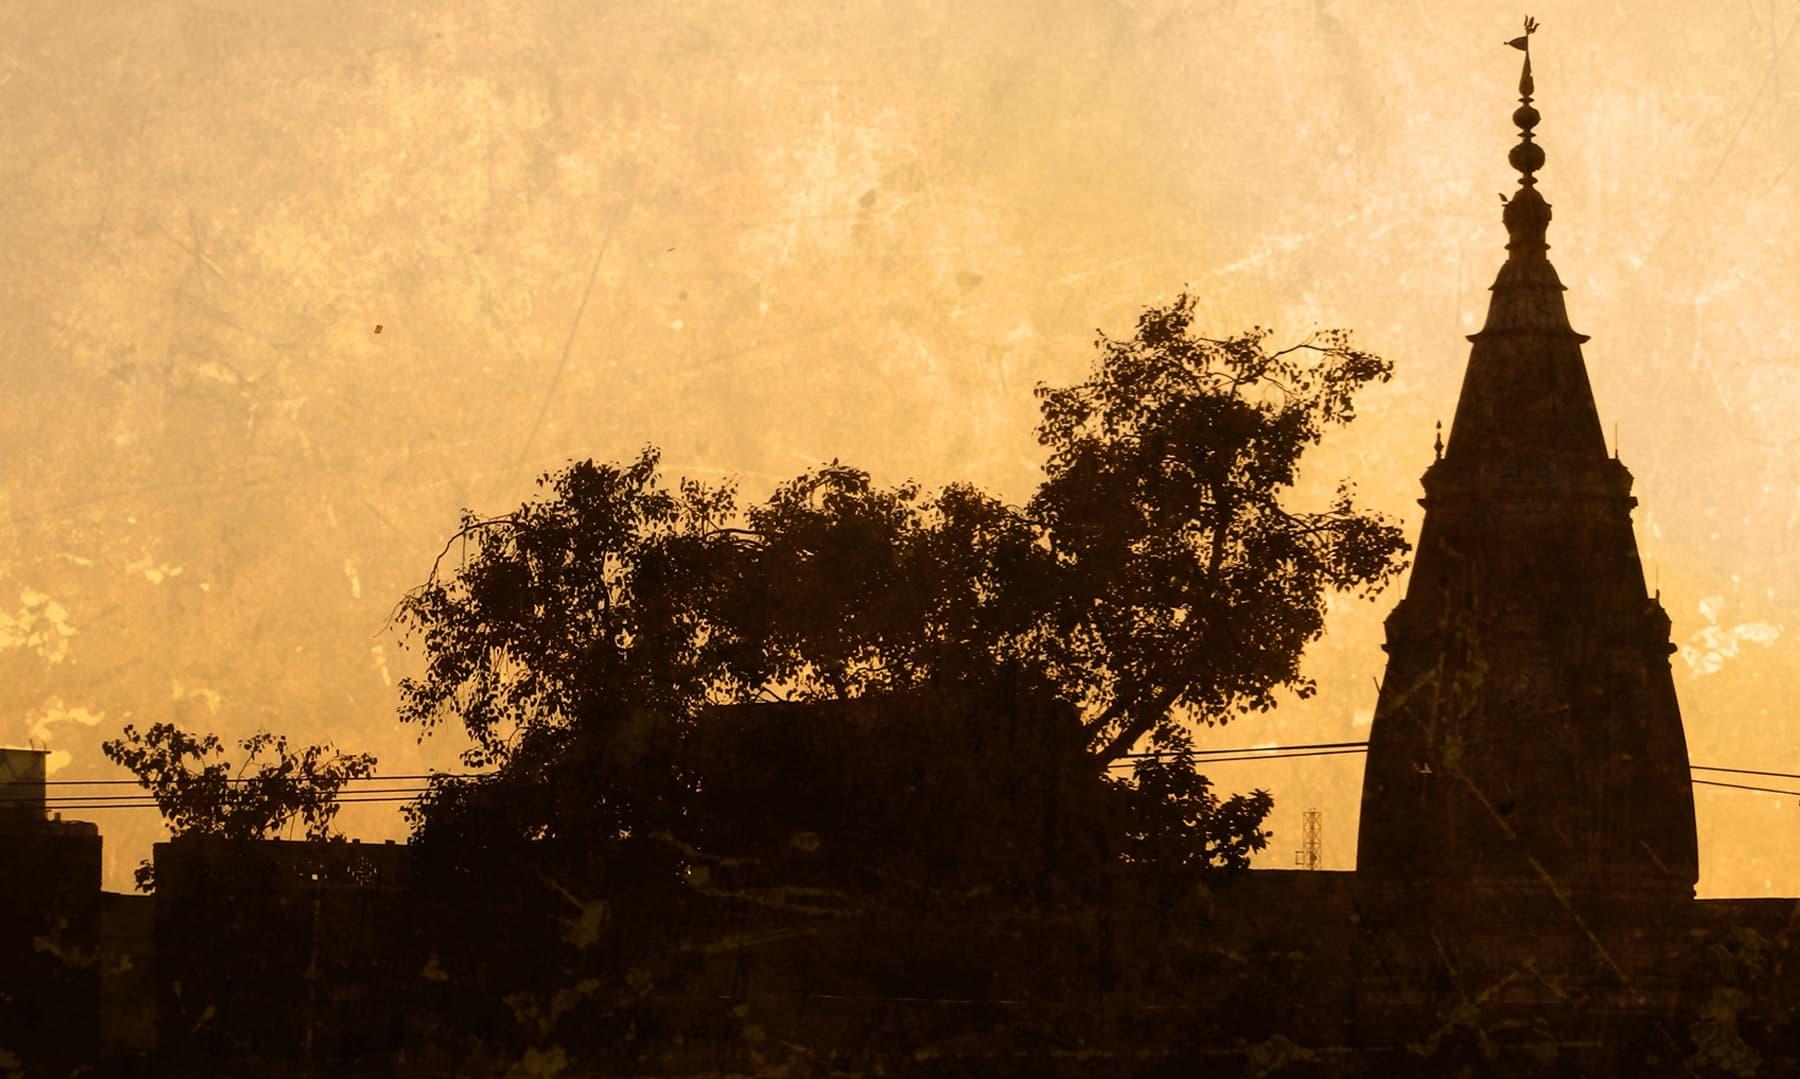 Mandir in Ganjmandi. —Muhammad Bin Naveed